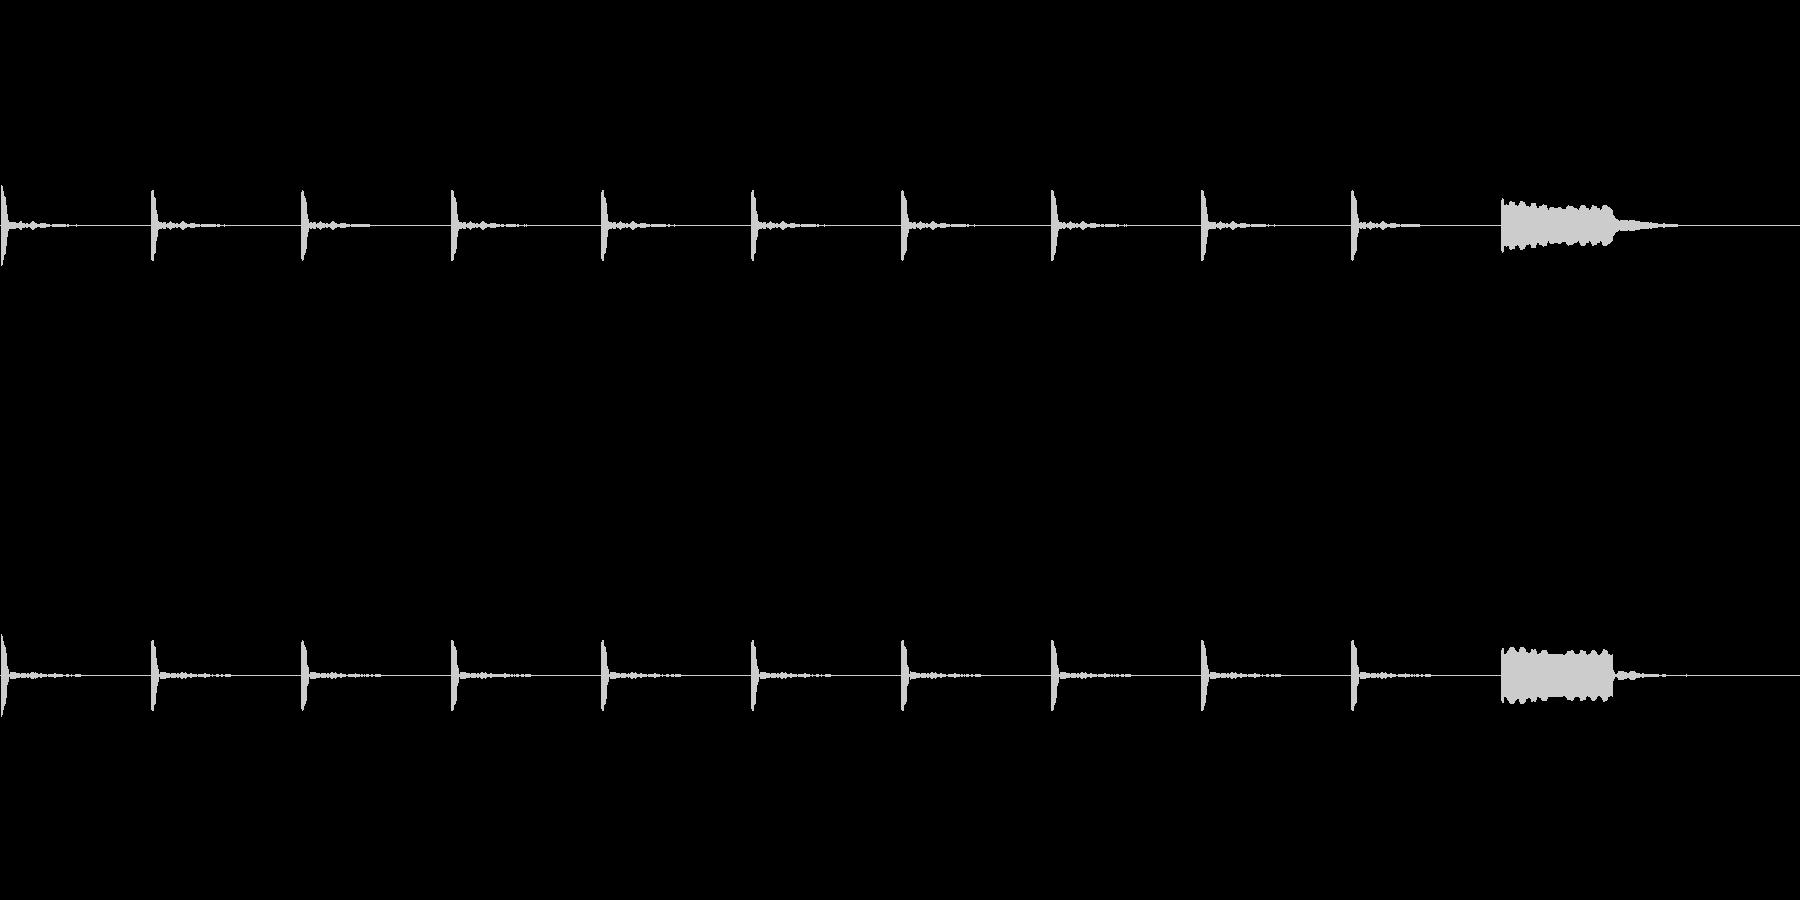 【カウントダウン02-4】の未再生の波形